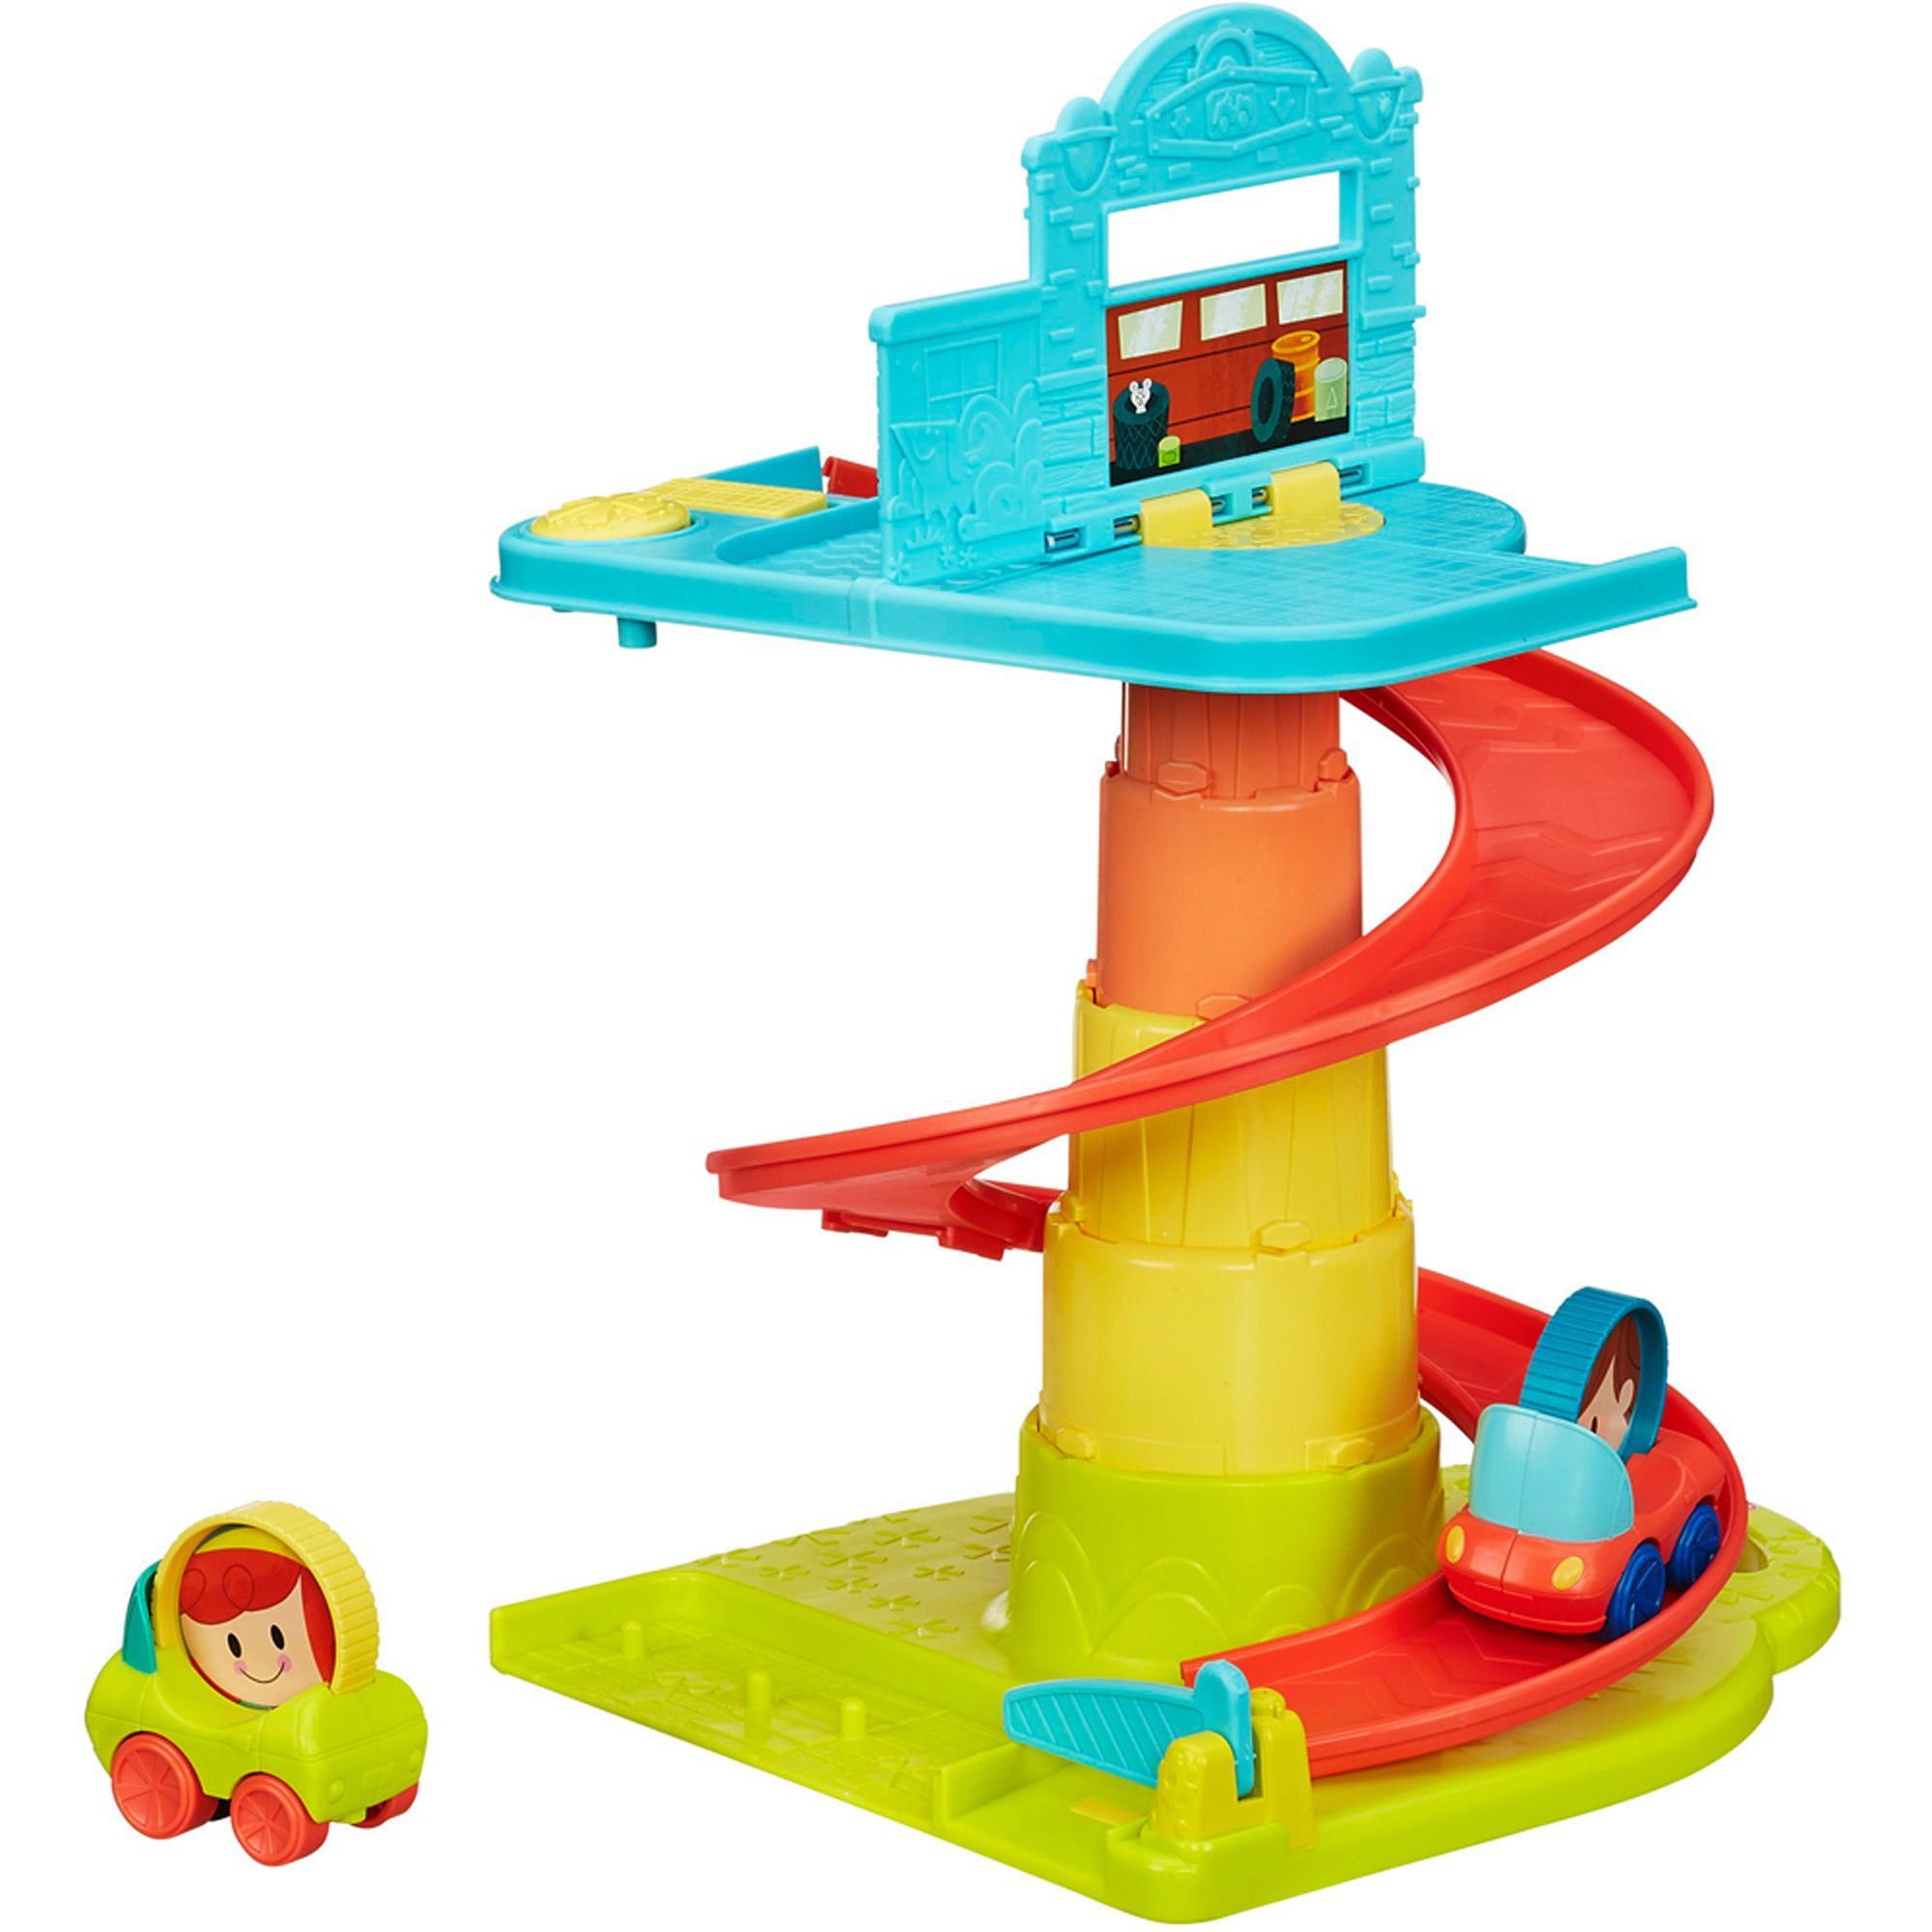 Веселый Гараж из серии Playskool - Развивающие игрушки PLAYSKOOL (Hasbro), артикул: 129299